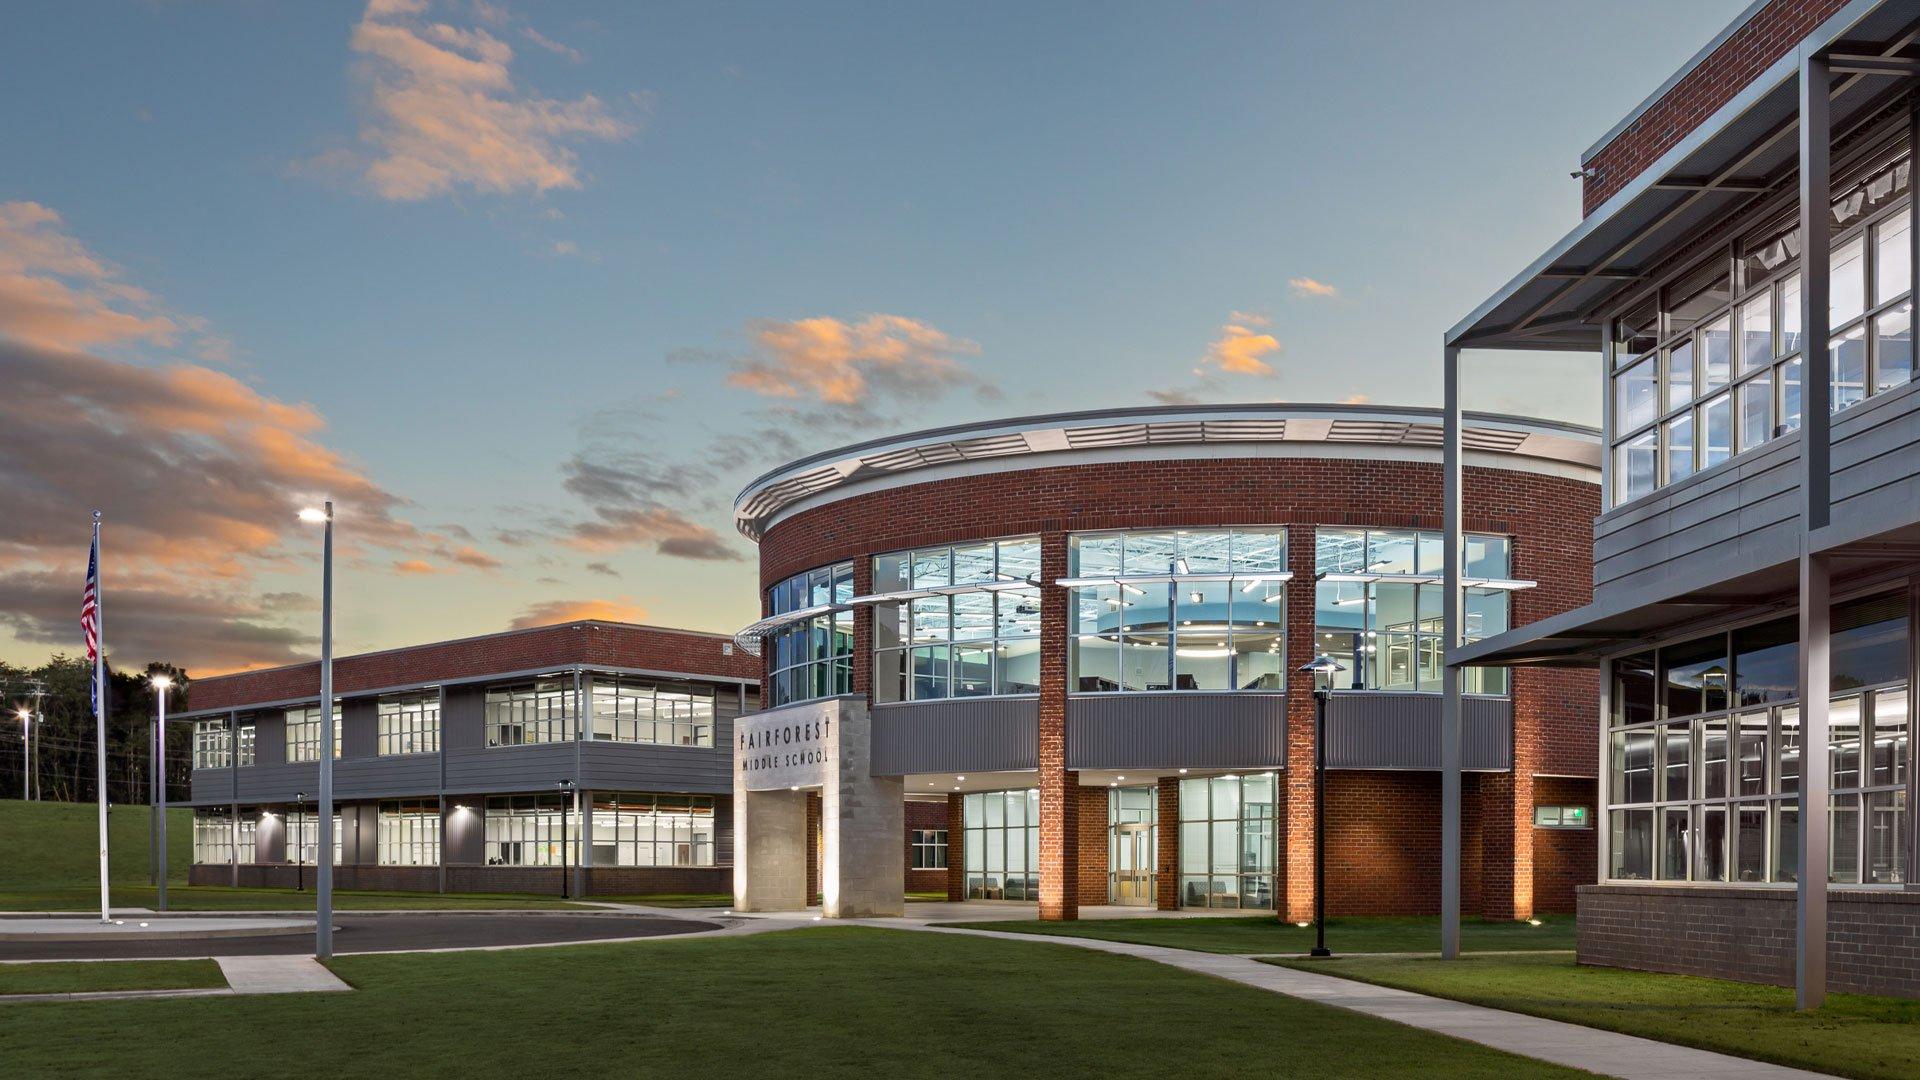 Fairforest Middle School, Spartanburg School District 6